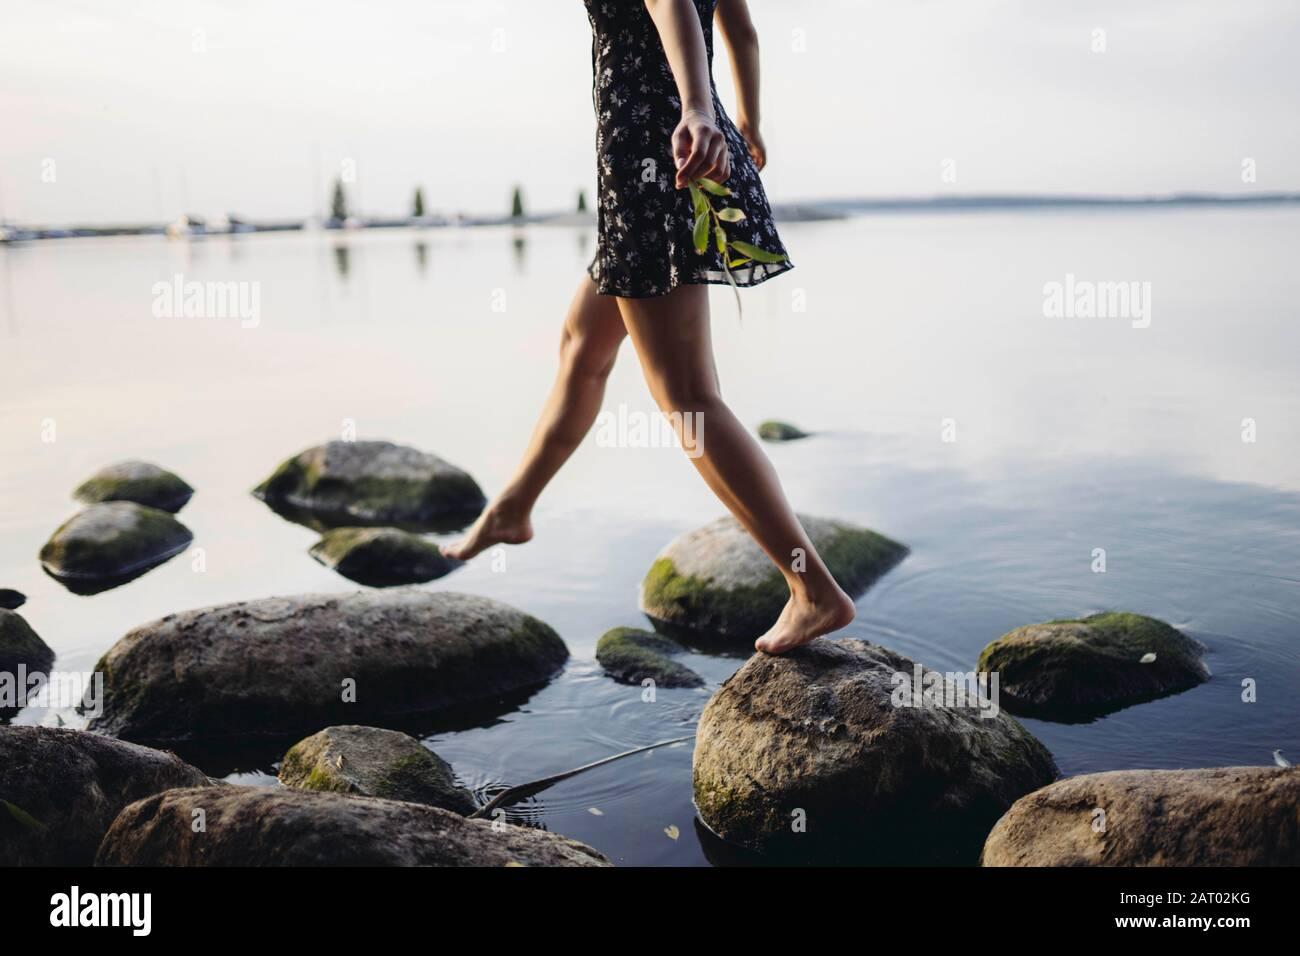 Mujer descalza caminando sobre rocas en el mar Foto de stock